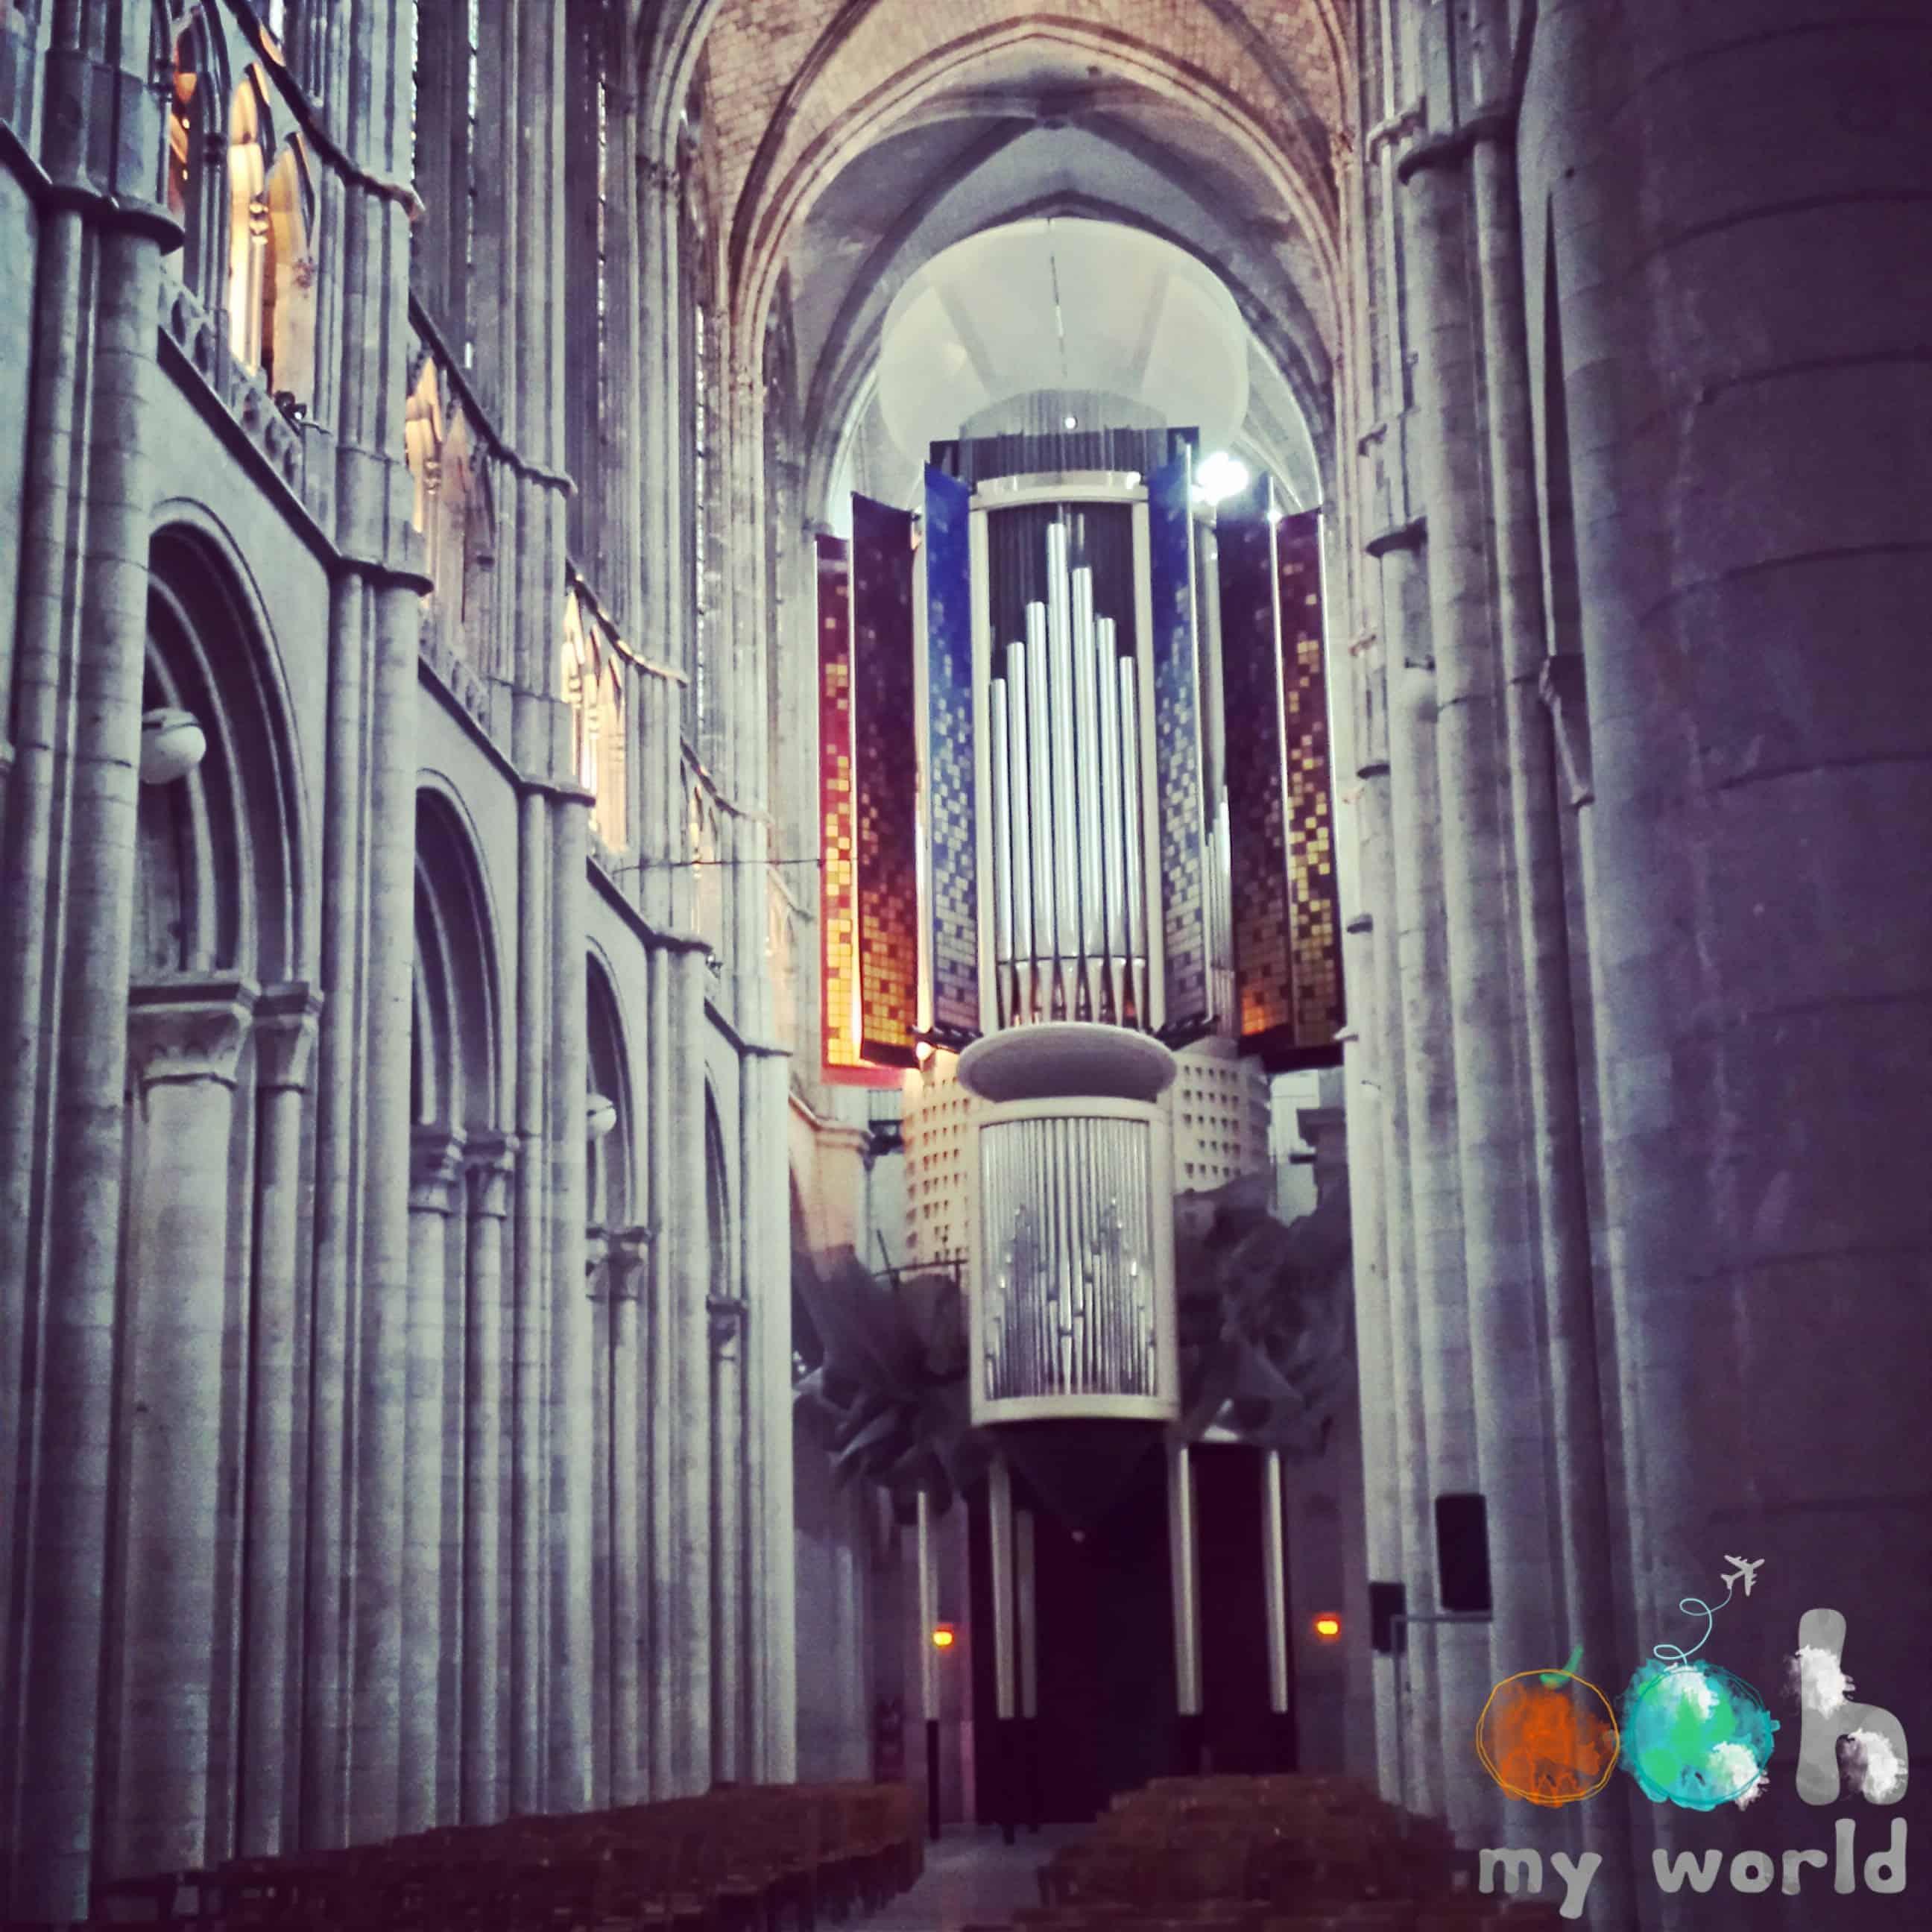 Orgue moderne de la cathédrale d'Evreux